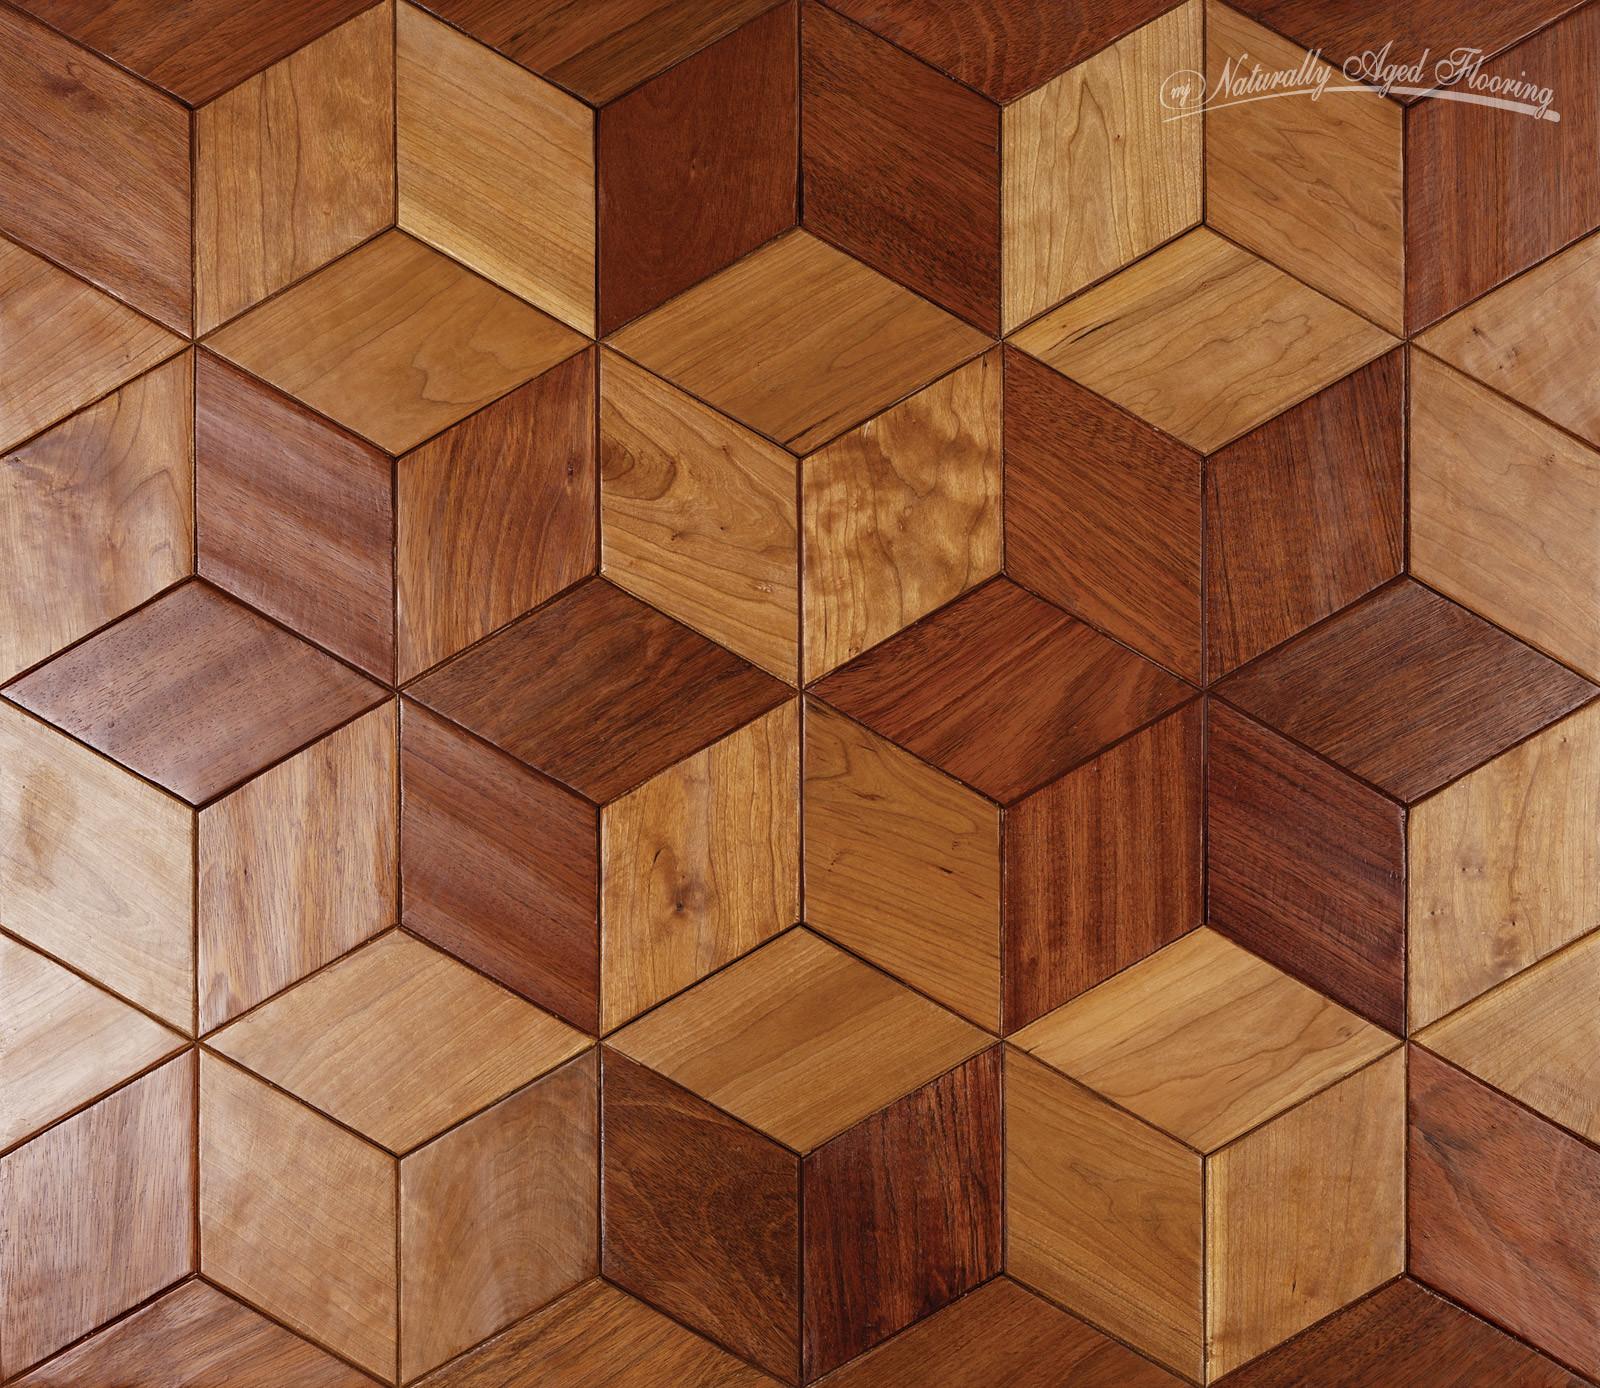 Flooring naturally aged flooring for Donar oak flooring